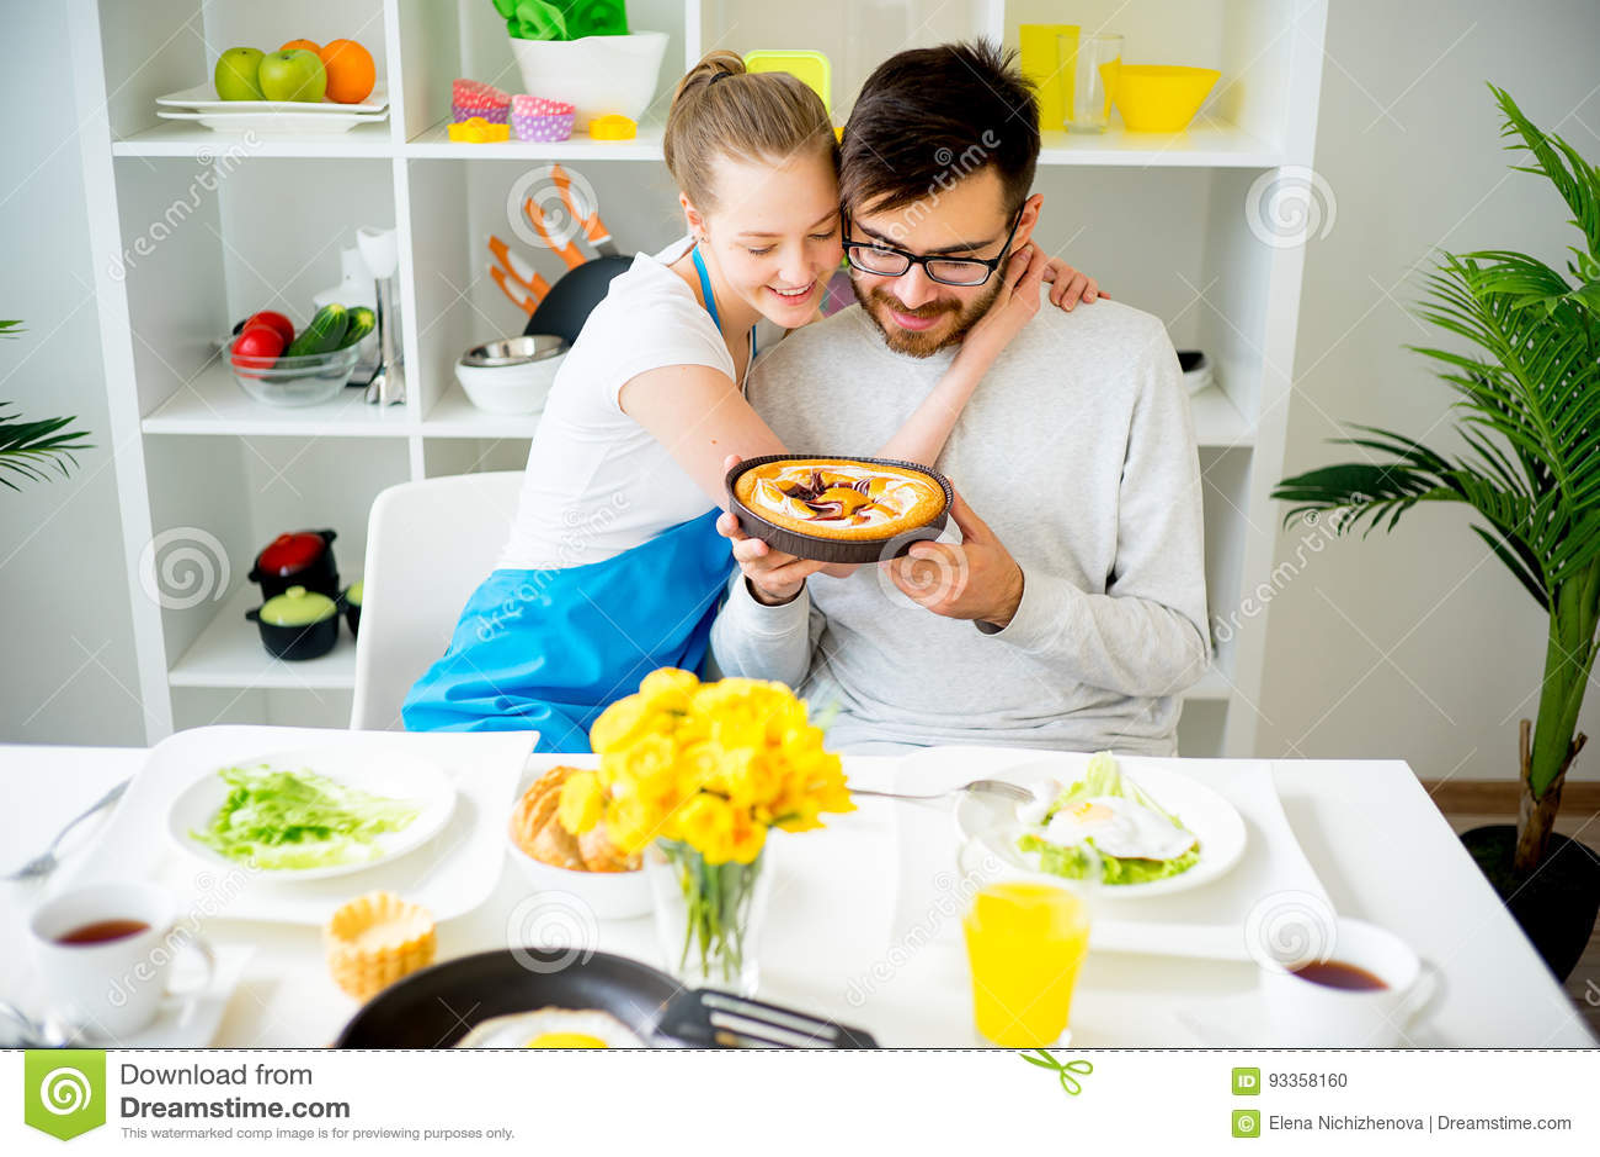 Pranzo Per Marito : Moglie che cucina per il marito fotografia stock immagine di